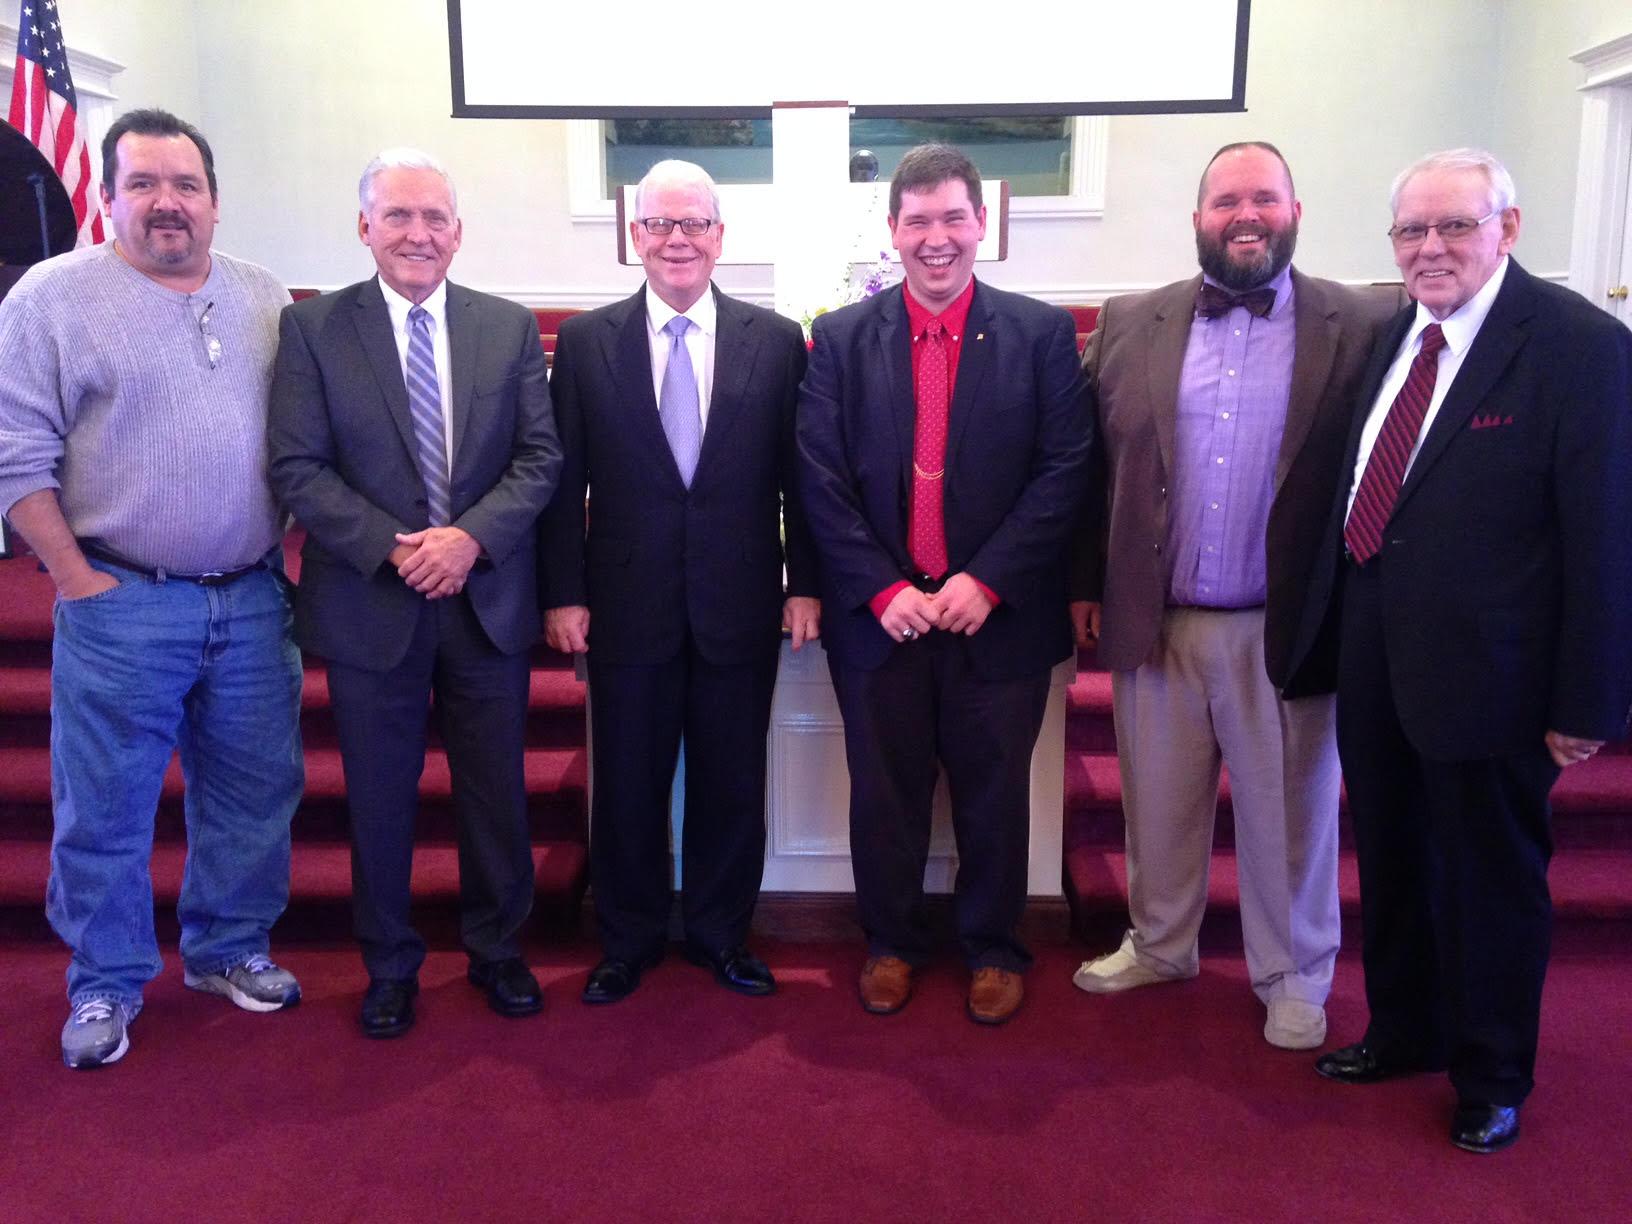 Deacons%20and%20preachers original